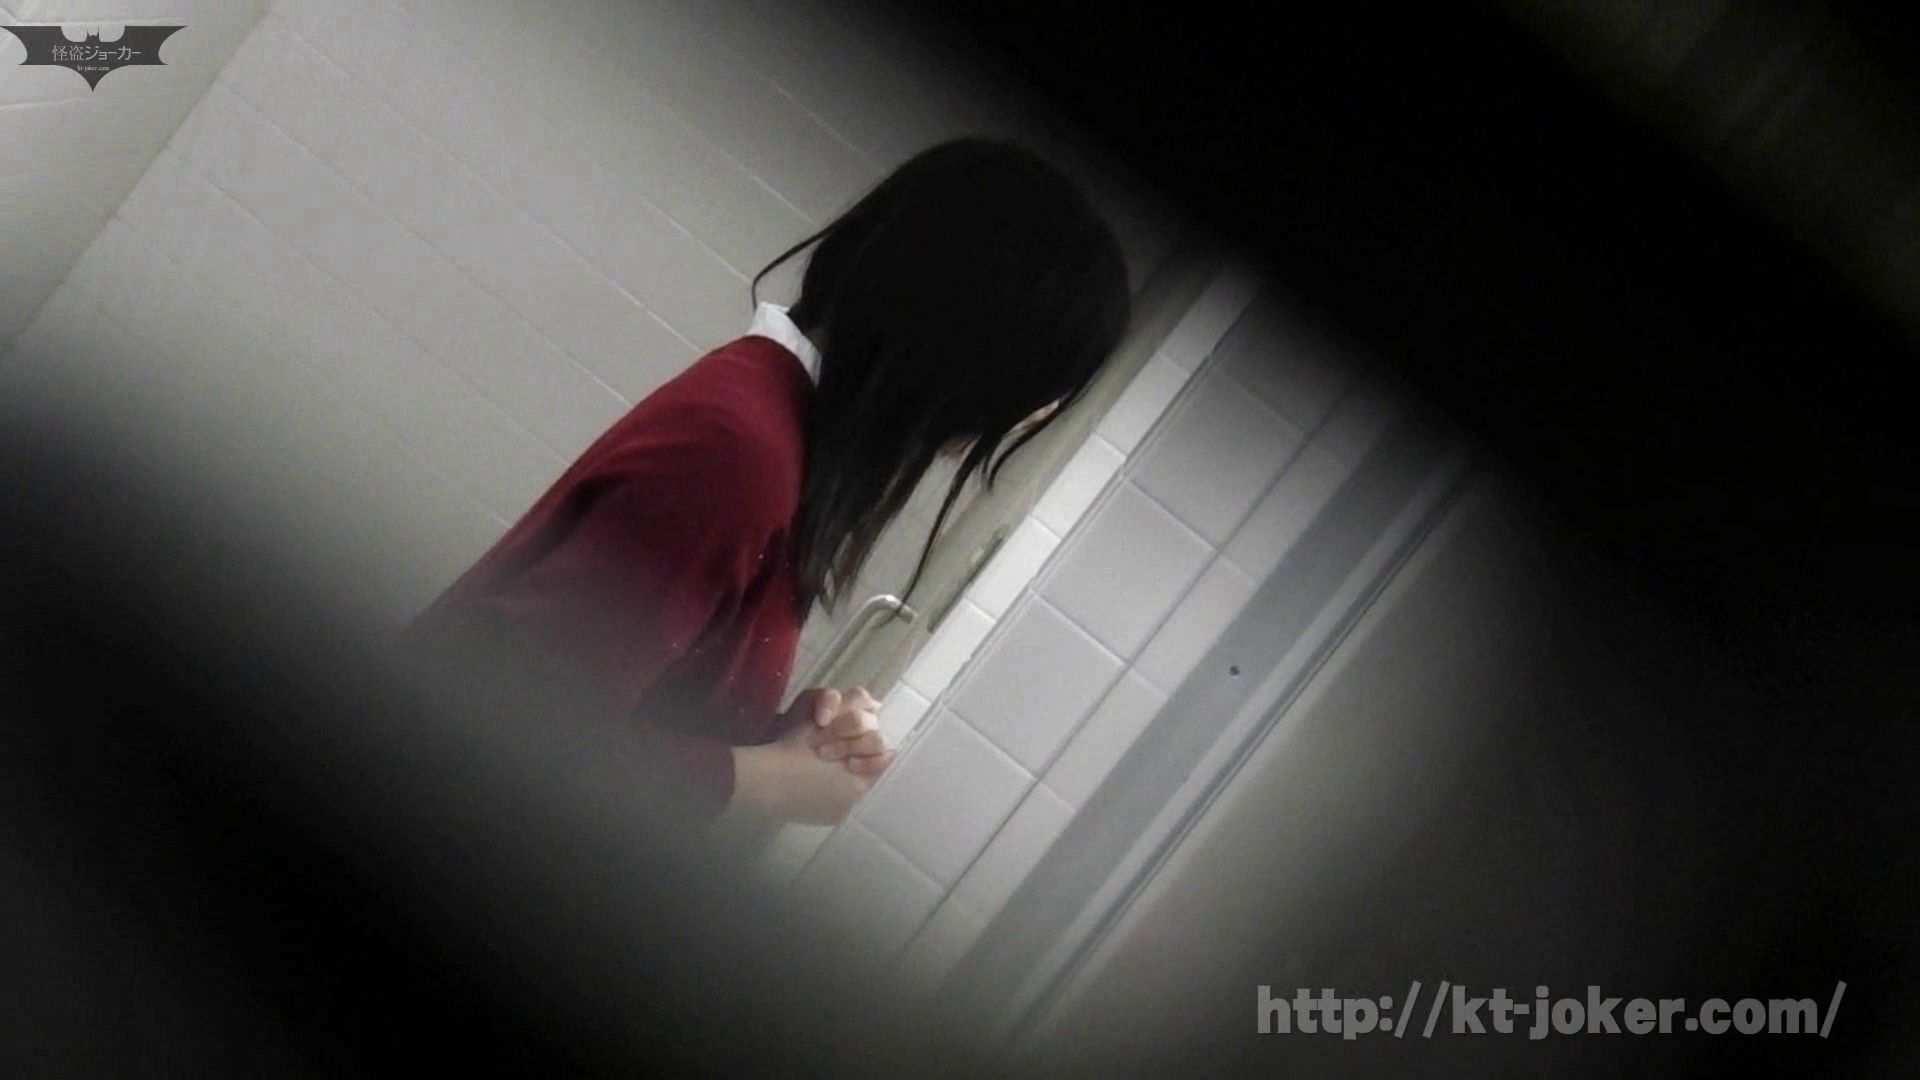 命がけ潜伏洗面所! vol.56 ピンチ!!「鏡の前で祈る女性」にばれる危機 美しいOLの裸体 われめAV動画紹介 105pic 11